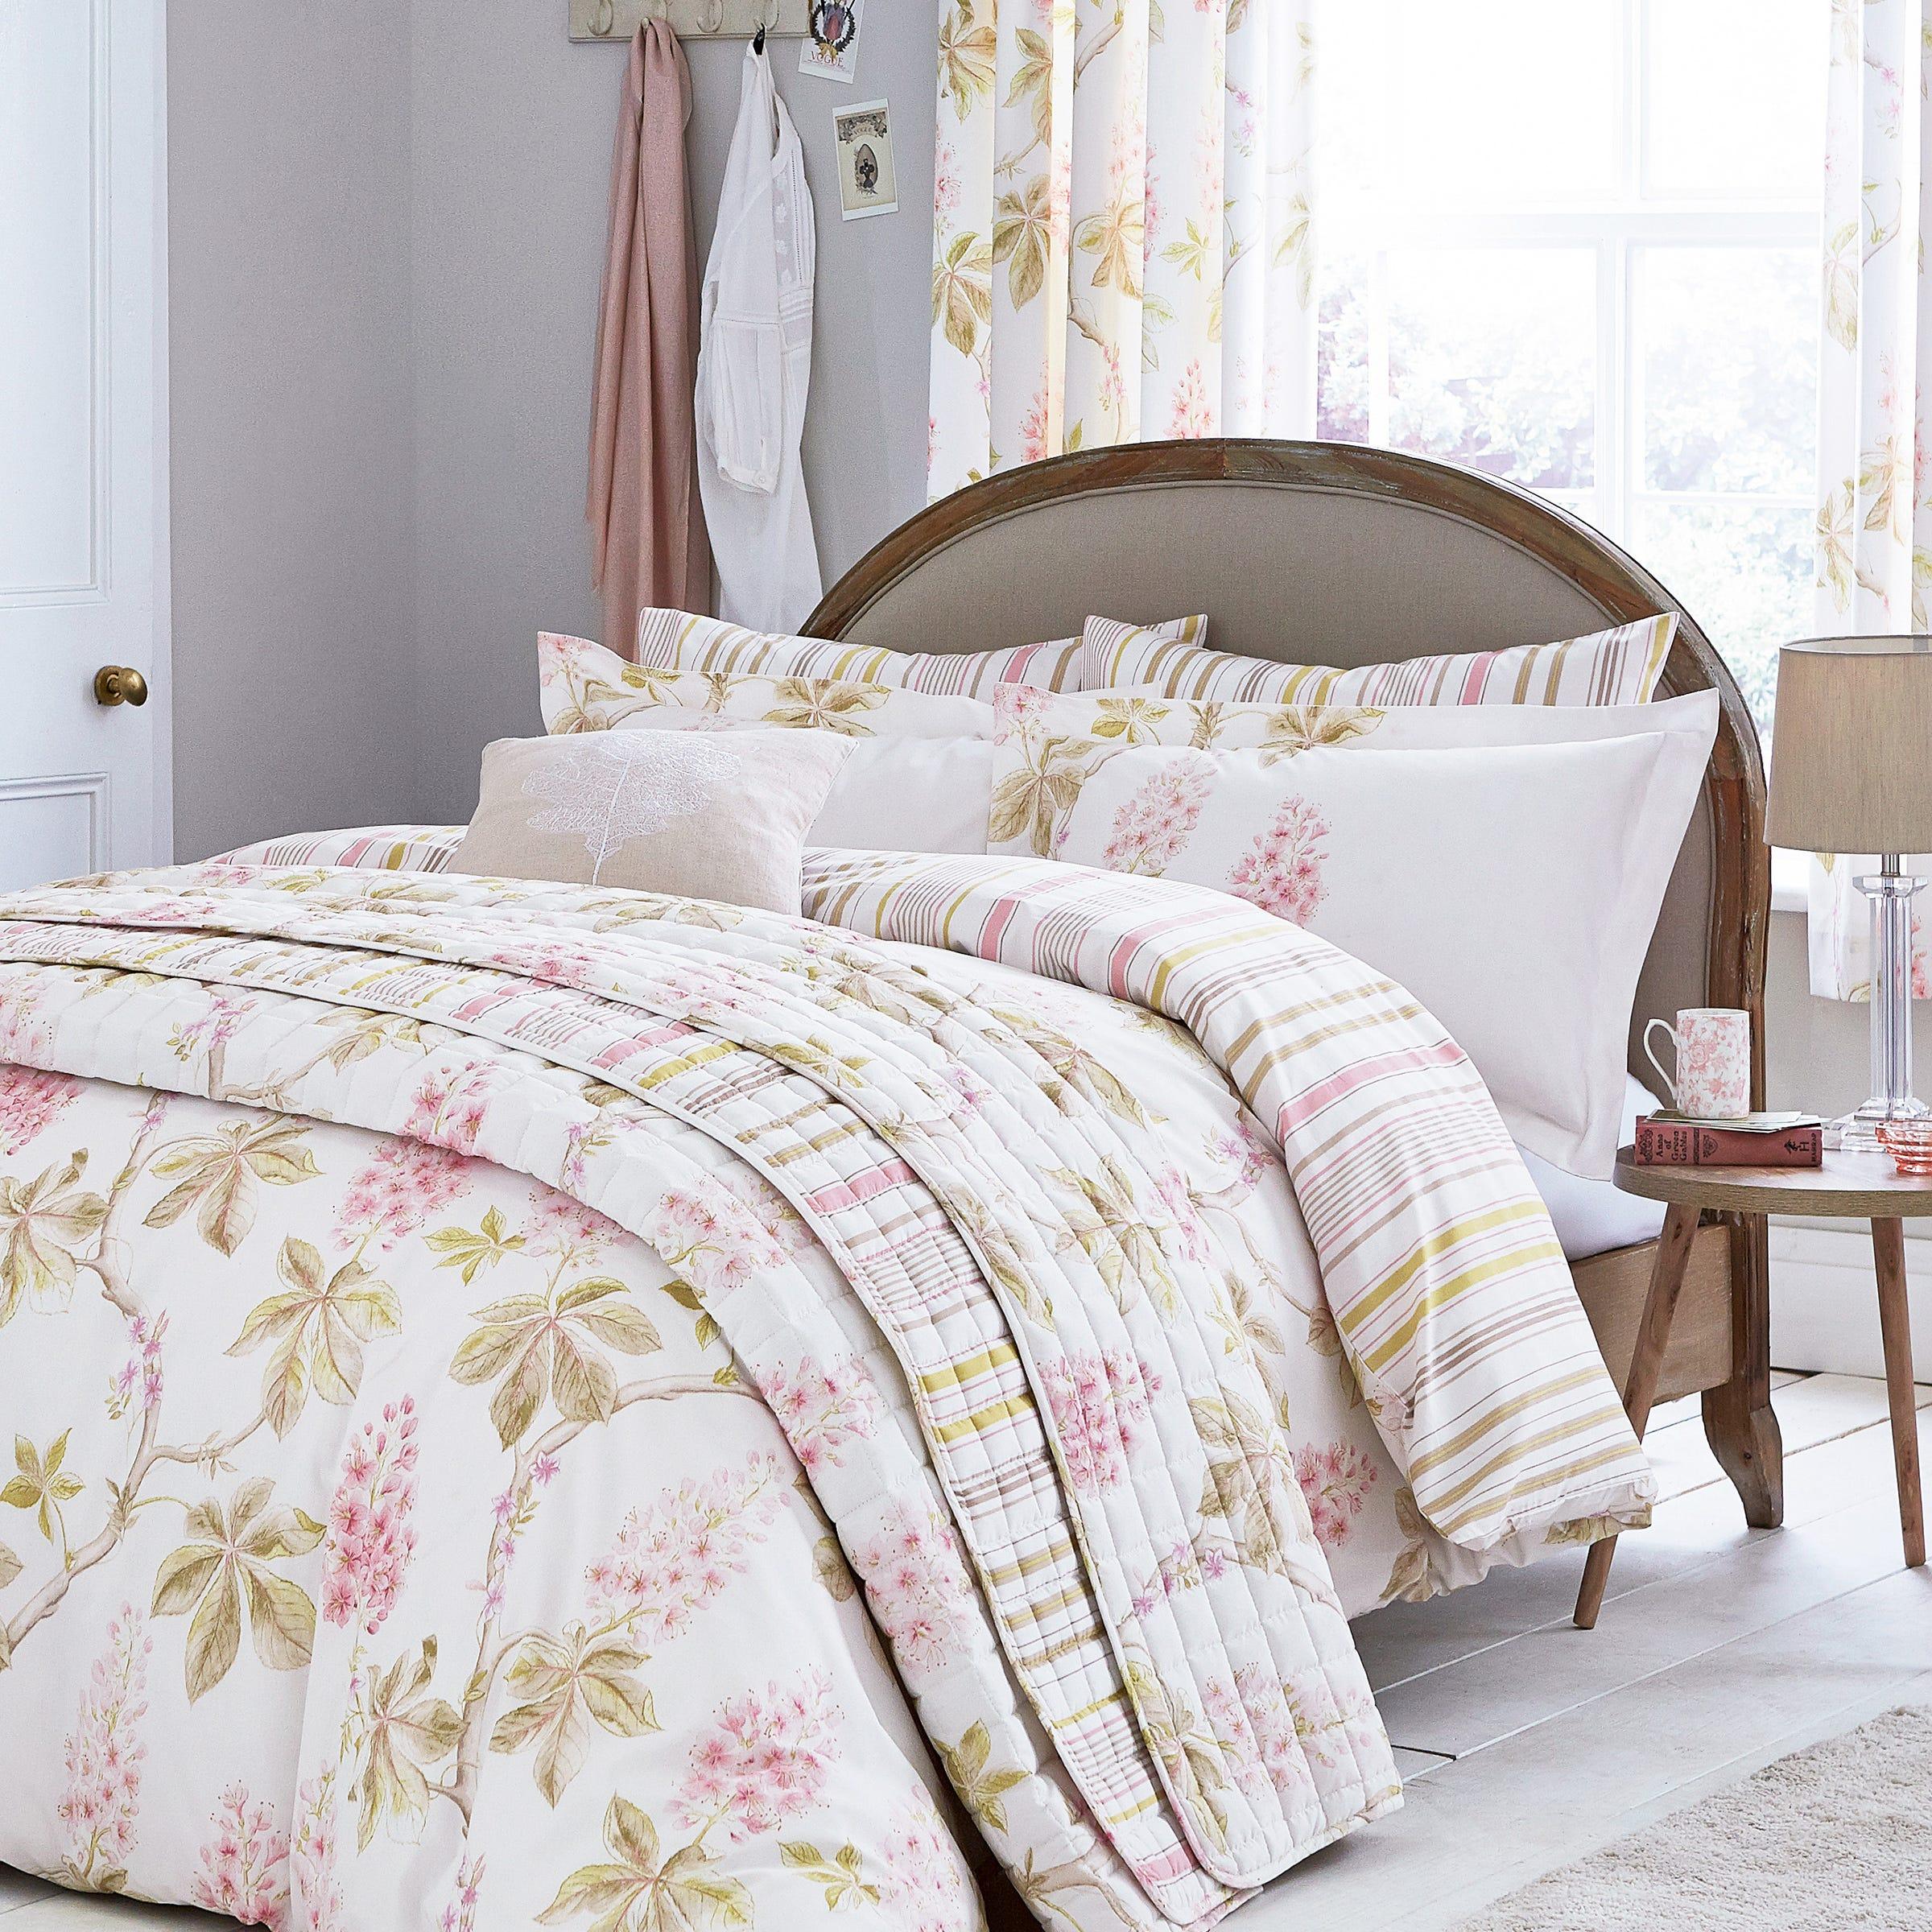 Sanderson Chestnut Tree Bedding in Pink